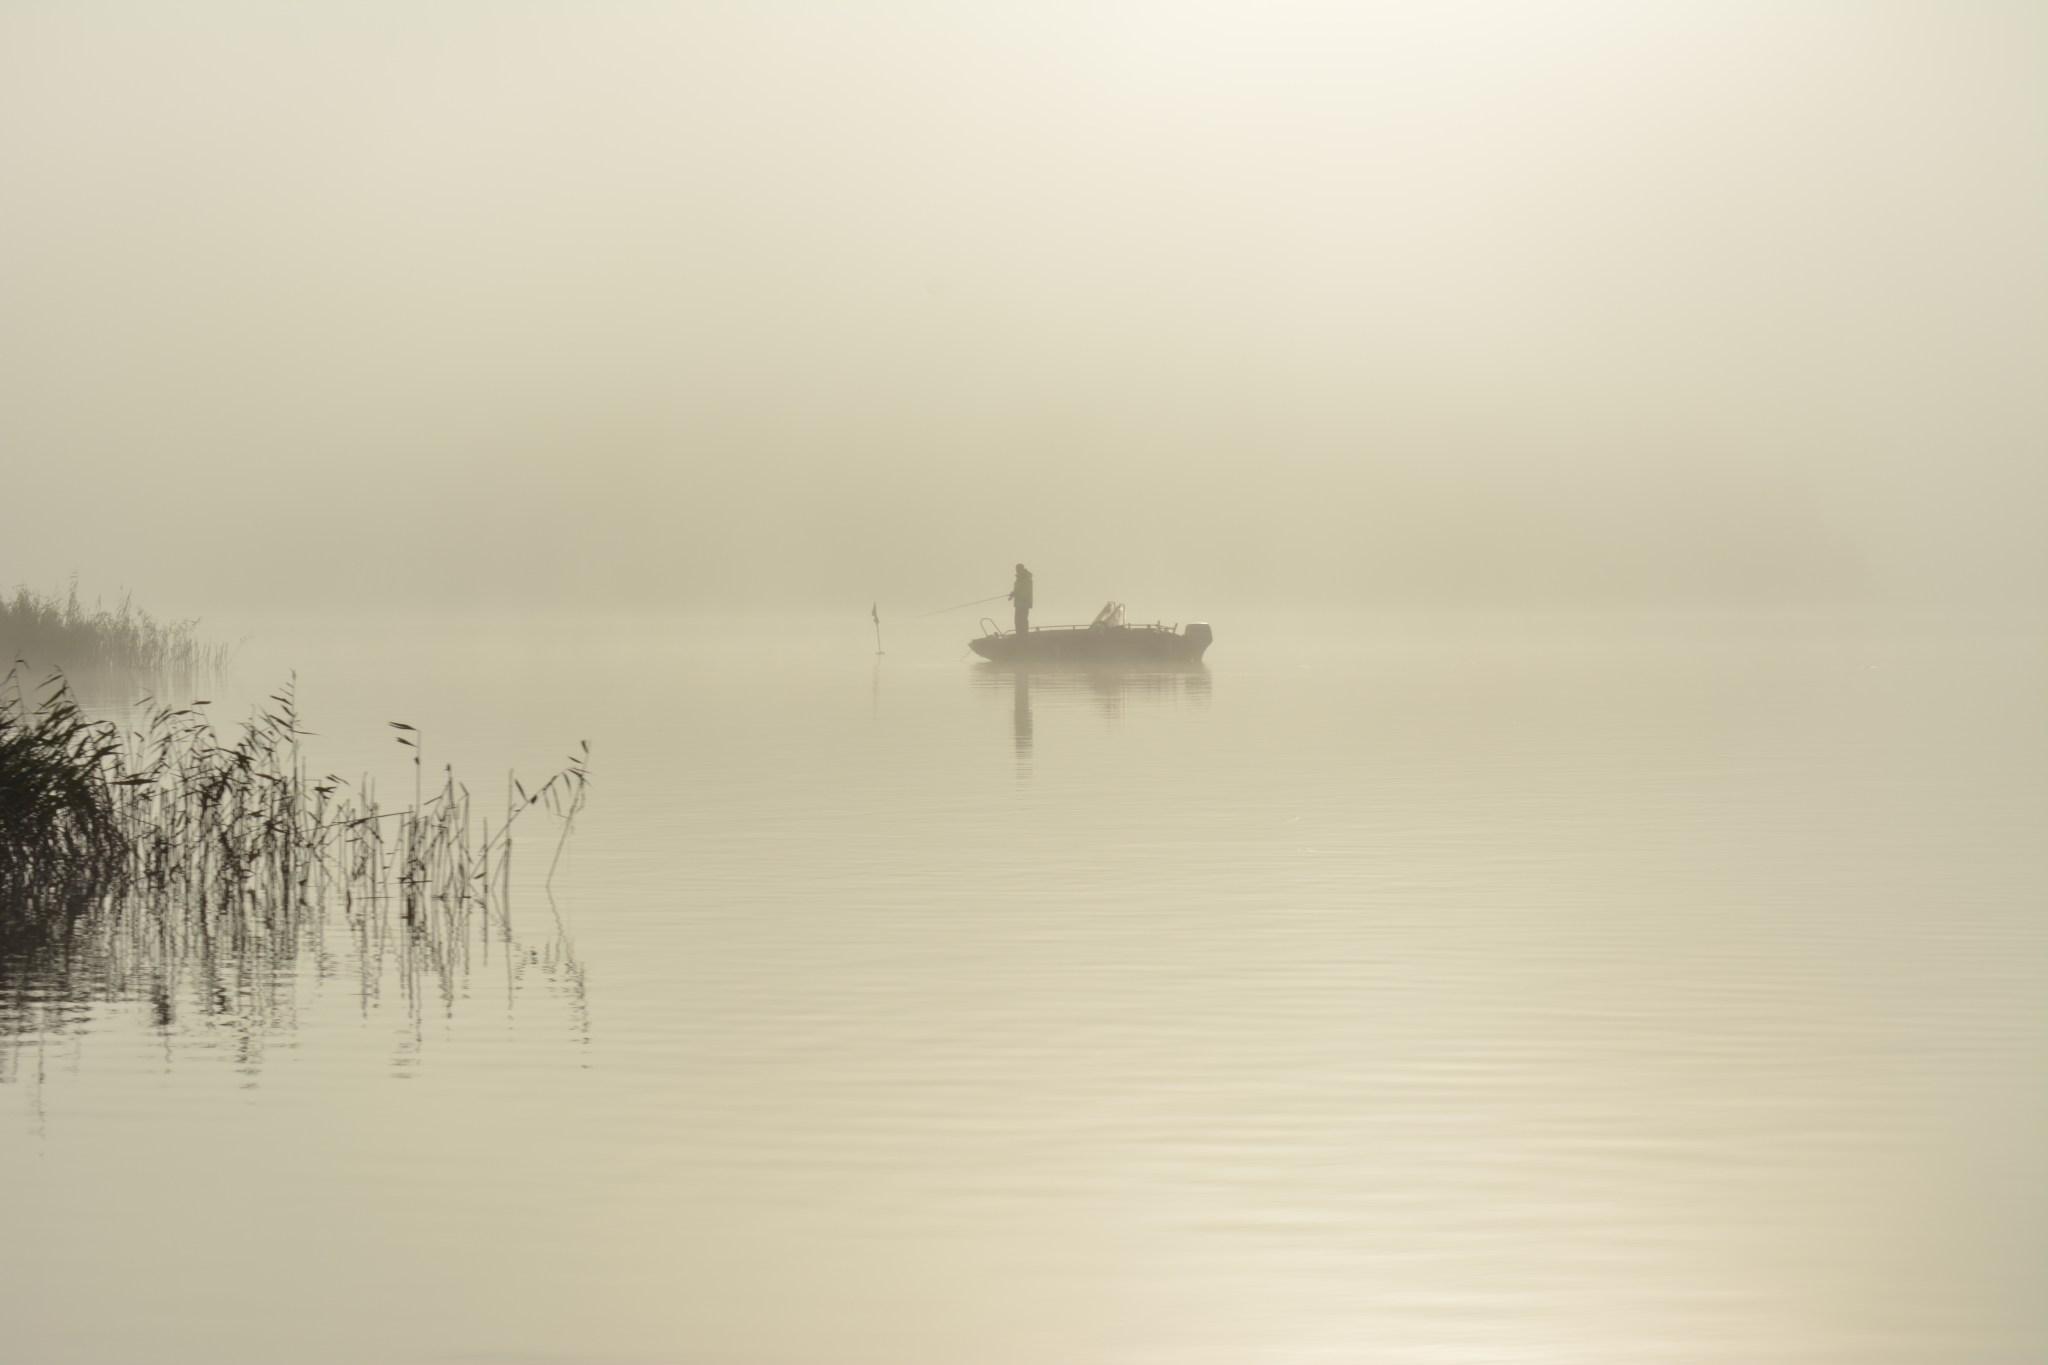 Vielä yksi kuva aikaisin heränneestä kalastajasta, sitten oli pakko lähteä matkaan, vaikka kuinka teki mieli jäädä pyörimään kotimaisemiin.